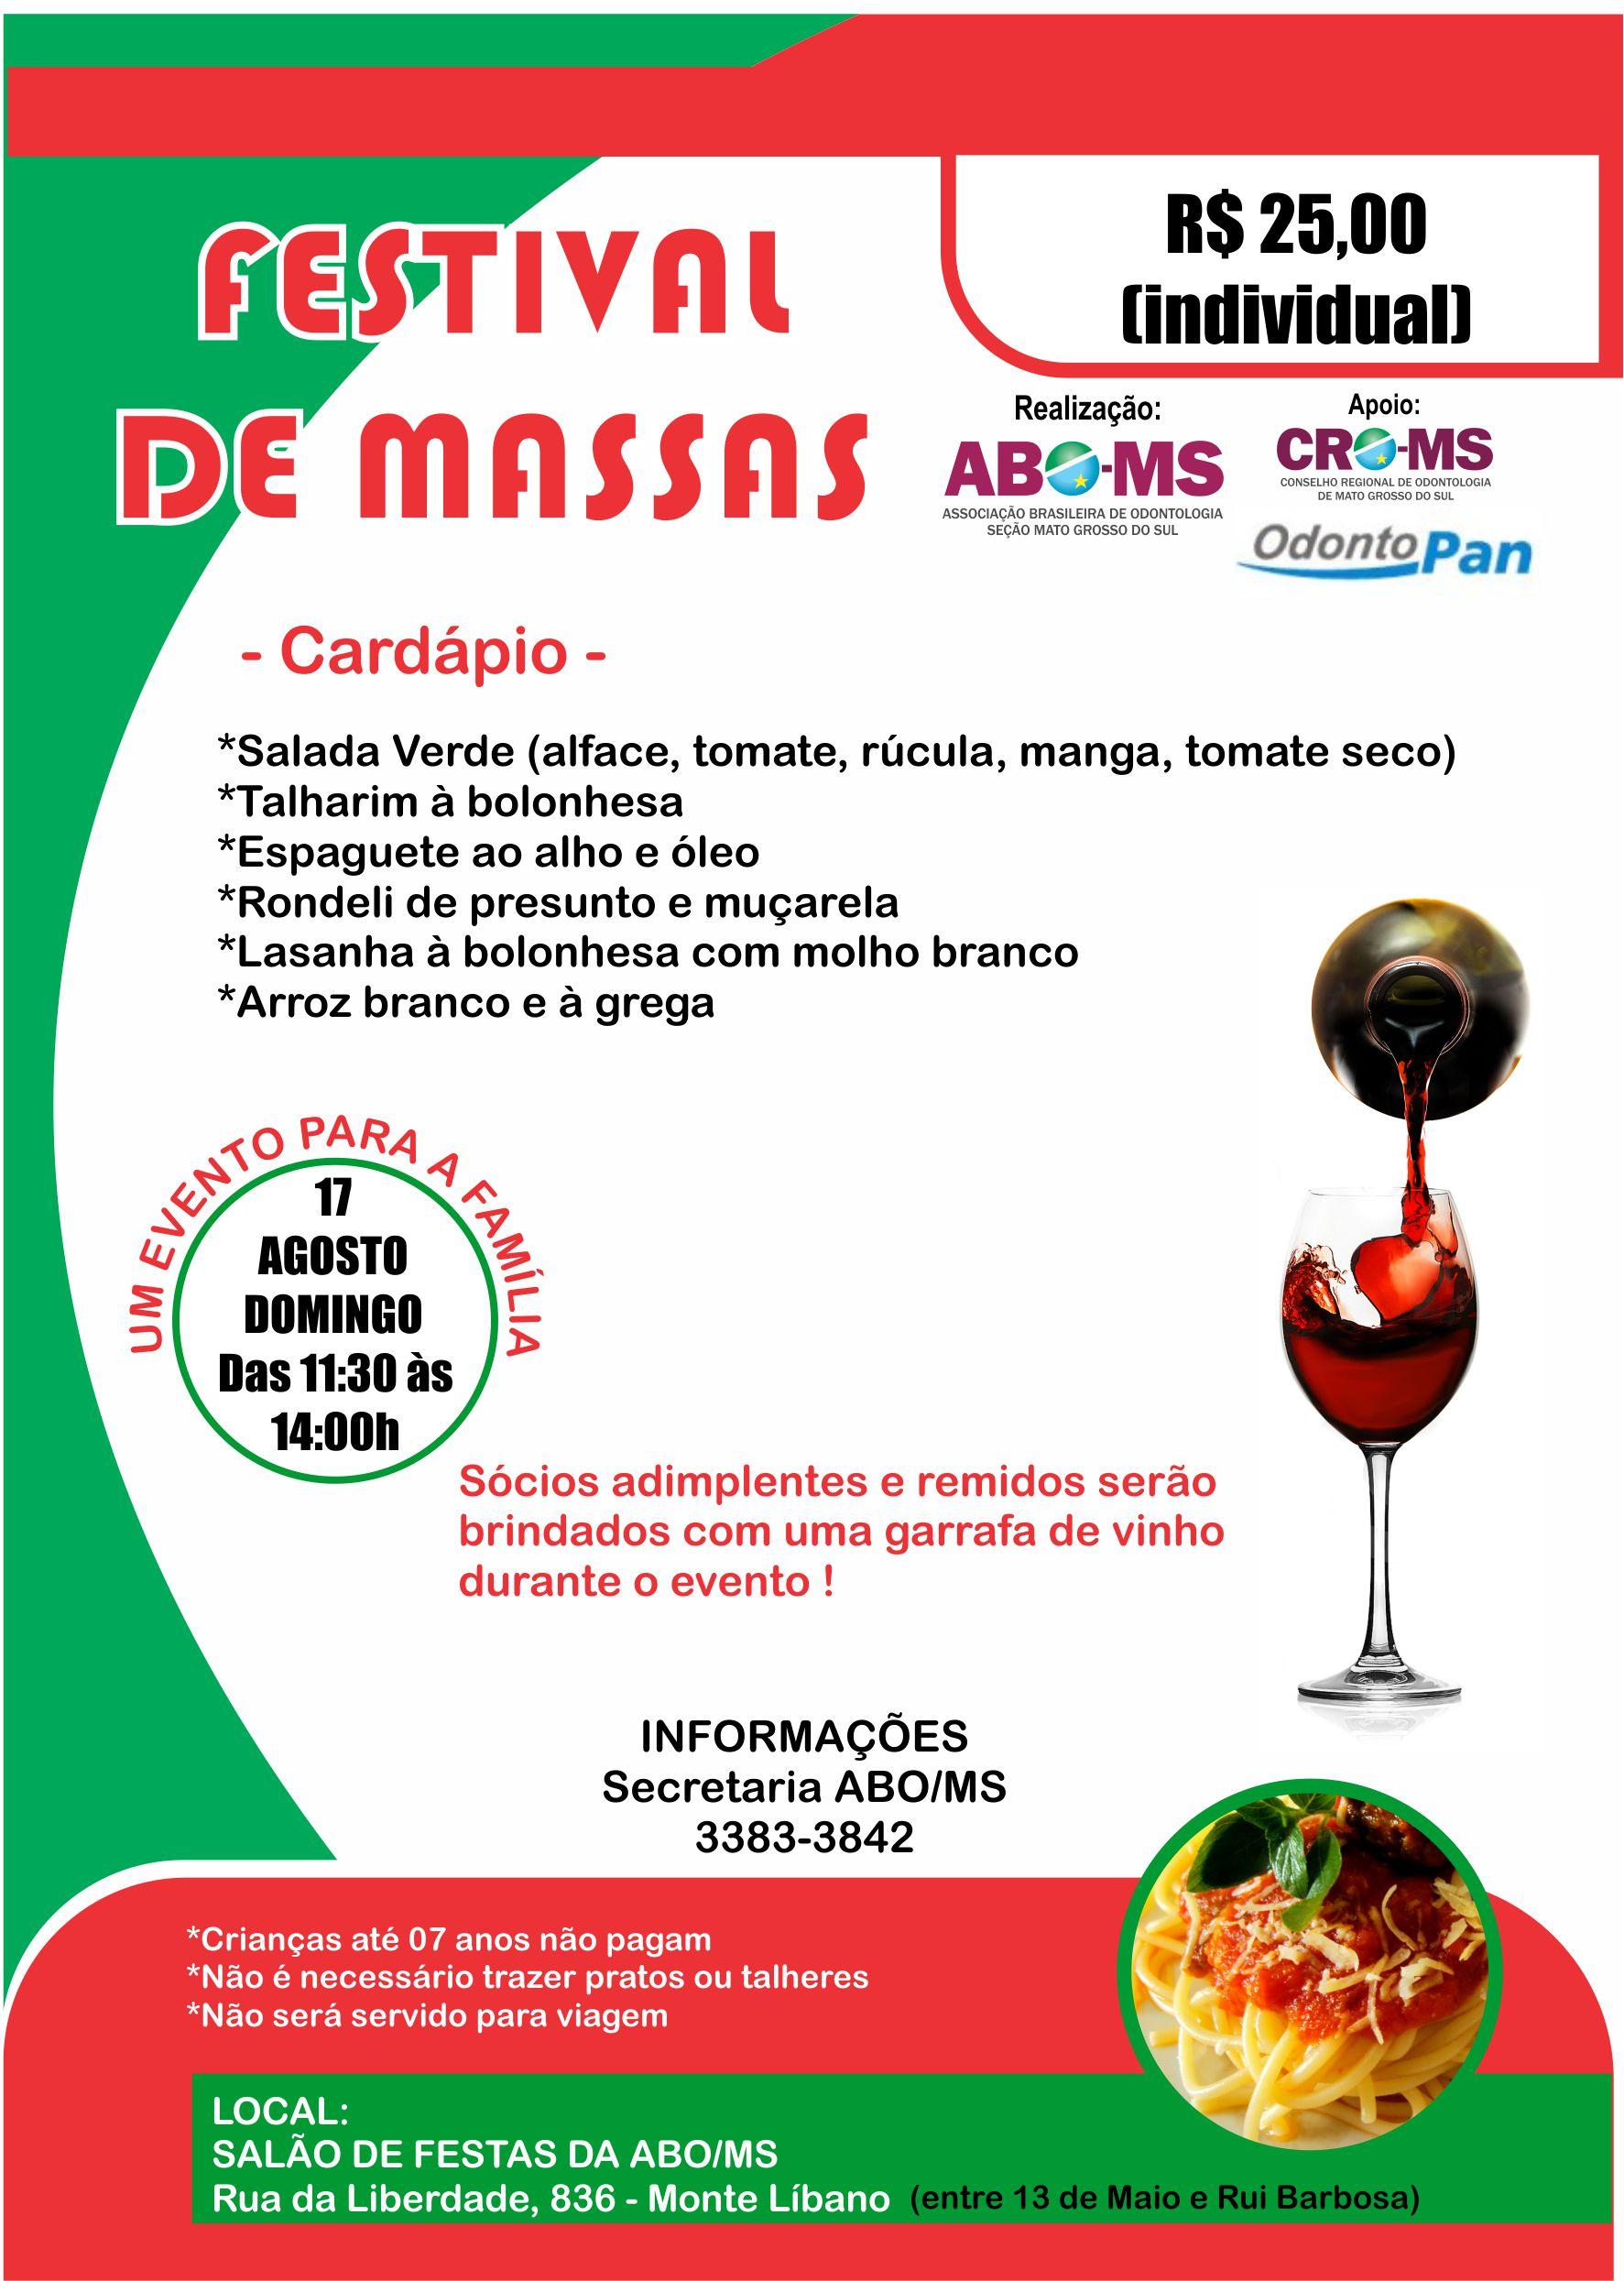 Festival de Massas da ABO-MS será no próximo domingo